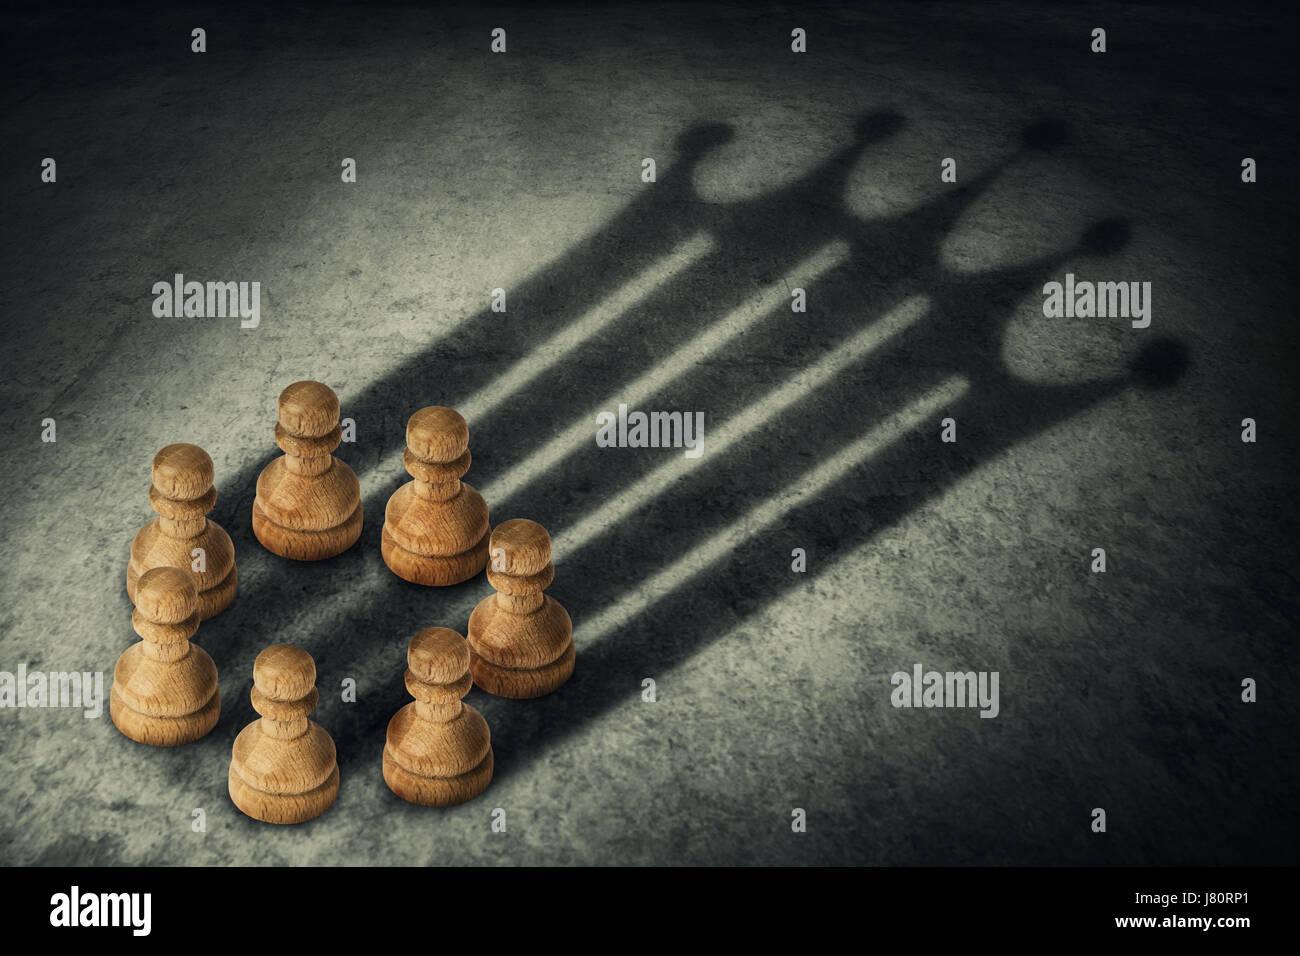 Peón de ajedrez juntos, dispuestas en un círculo uniendo el poder, proyectando una sombra con forma de corona. Grupo Foto de stock